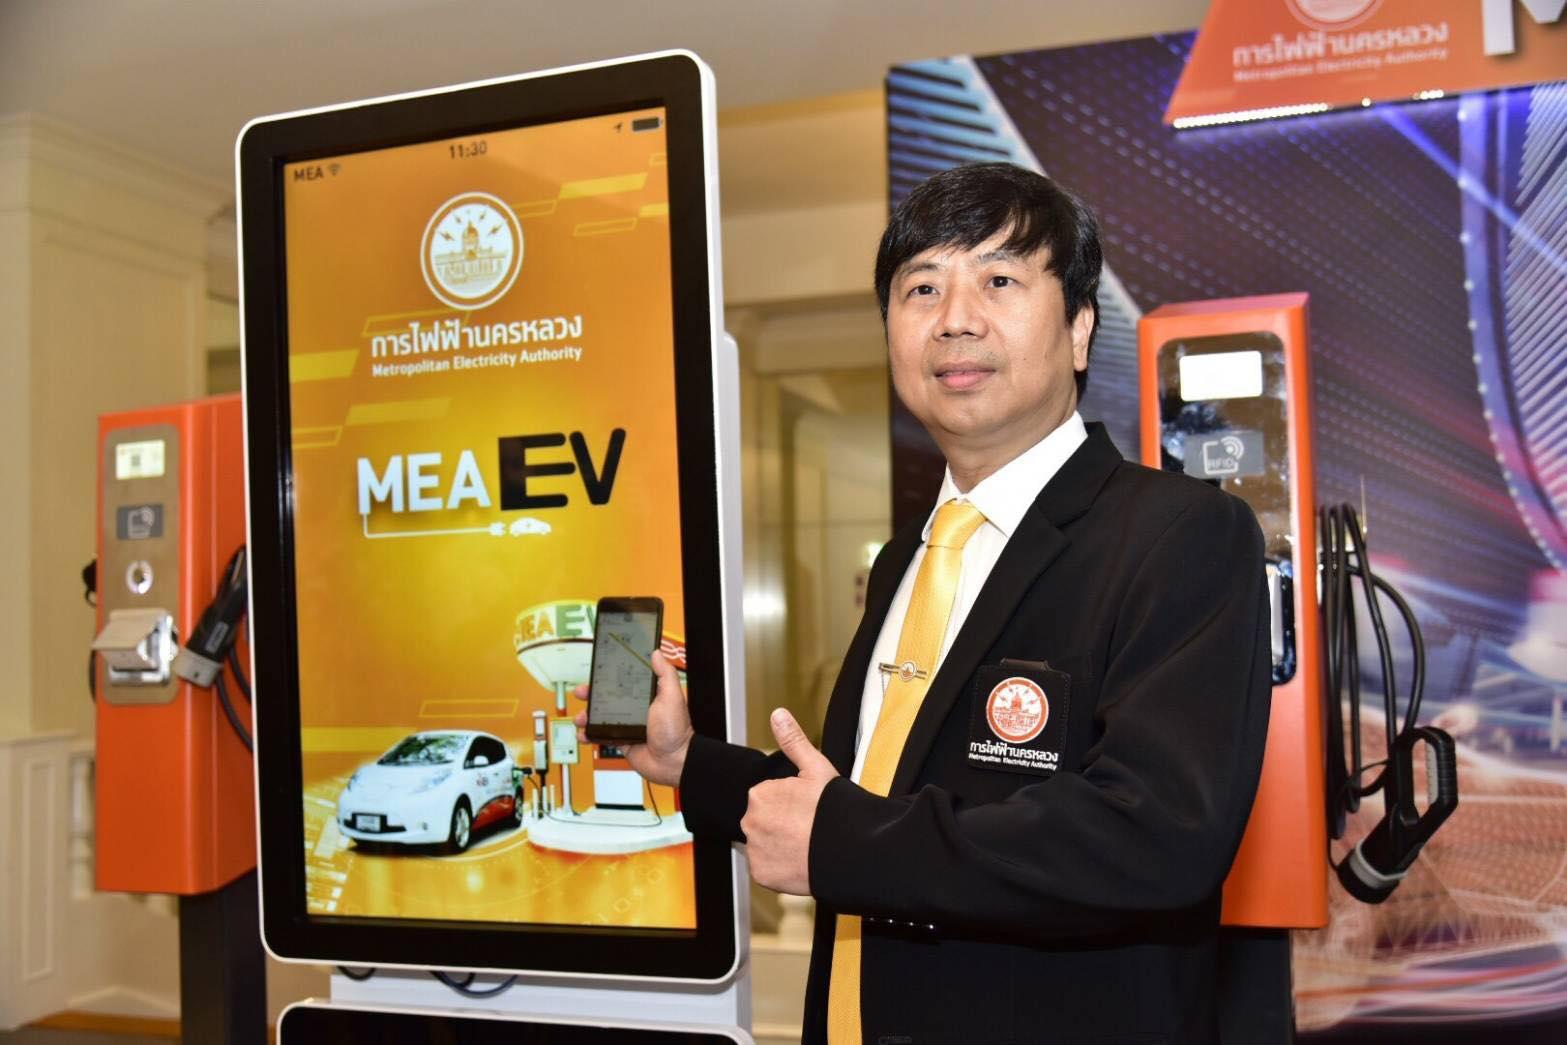 กฟน. เปิดตัว MEA EV Application แอปเดียวจบ ครบทุกเรื่องควบคุมจัดการยานยนต์ไฟฟ้า